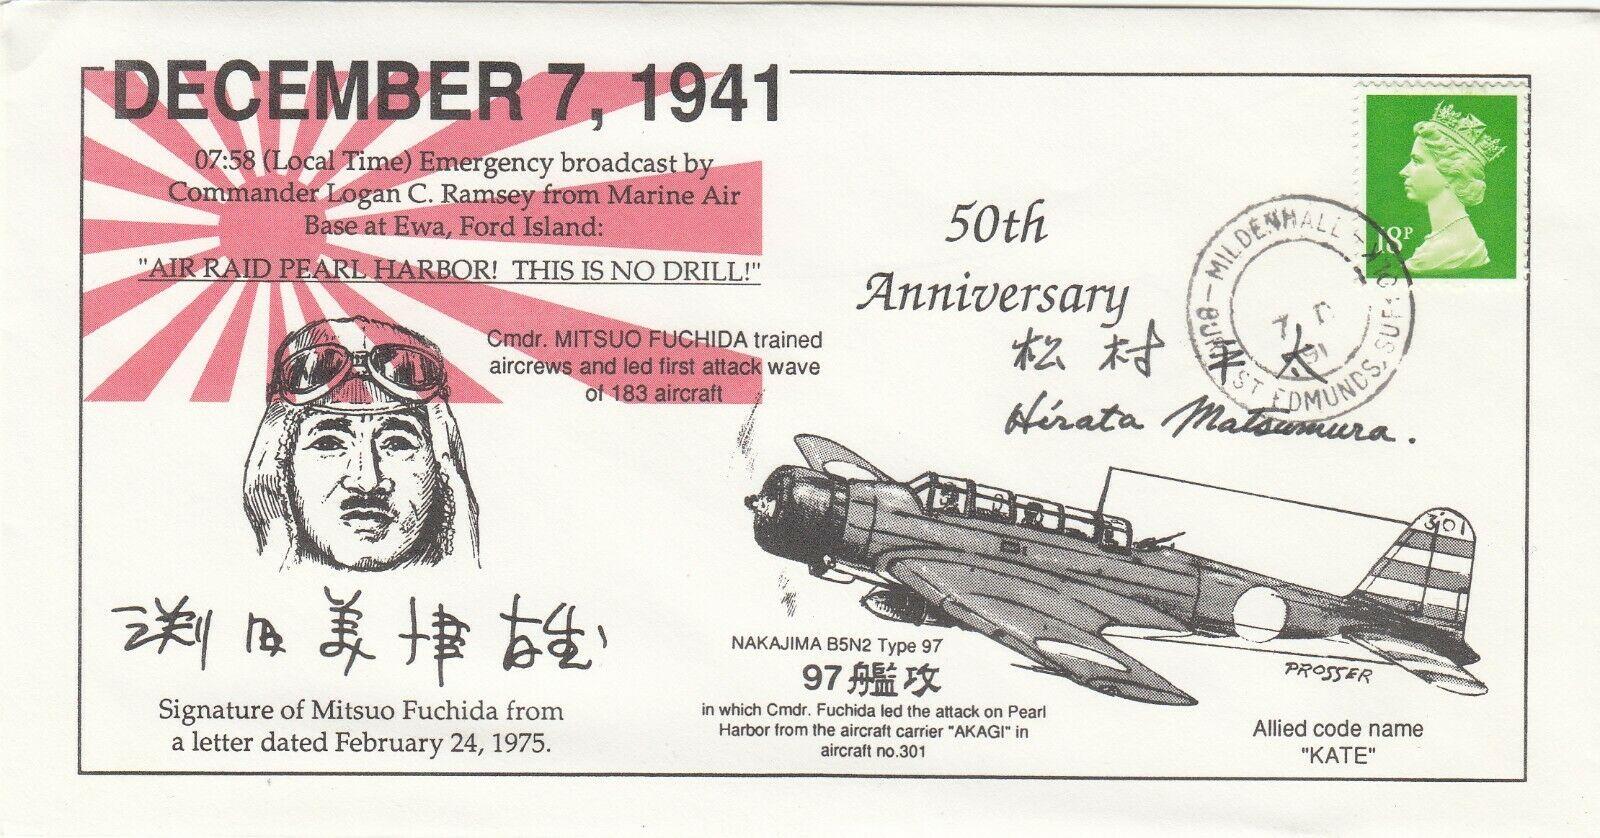 Pearl Harbour 50th Anniversary-Hirata Ma